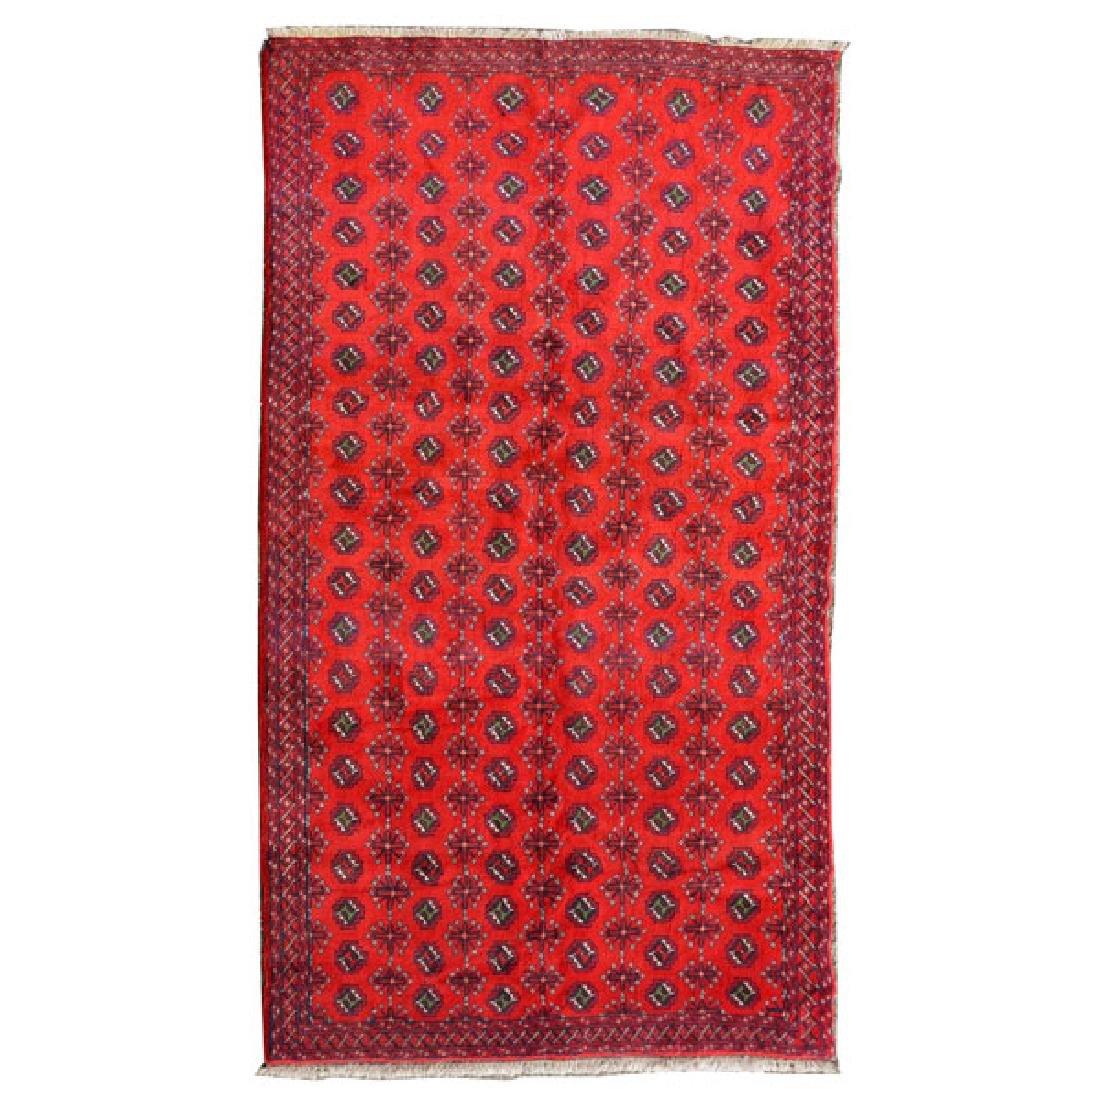 Beshir Carpet: 5 feet x 9 feet 8 inches